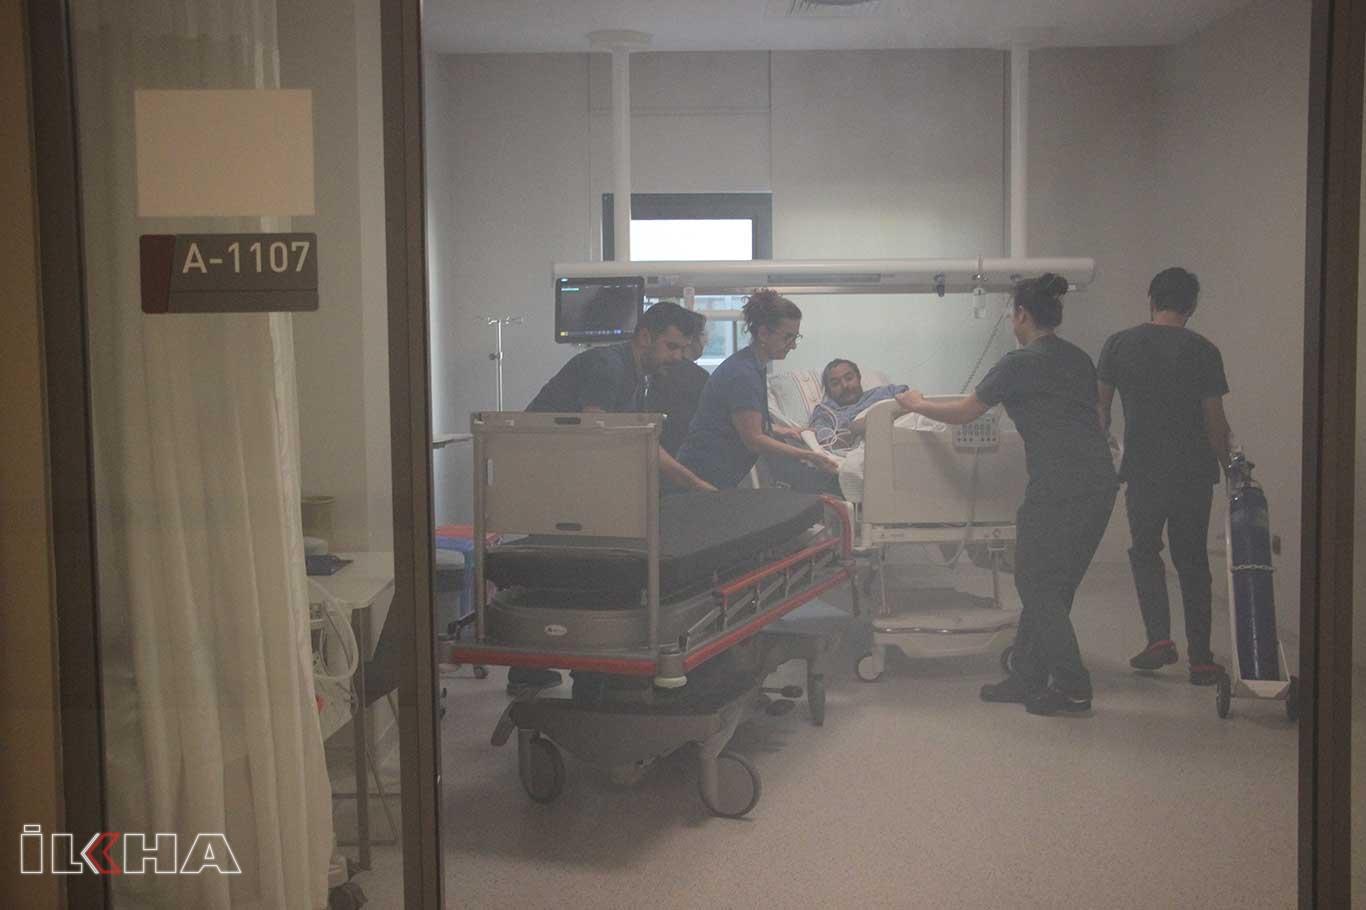 Hastanede olağan durumlara karşı tatbikat.